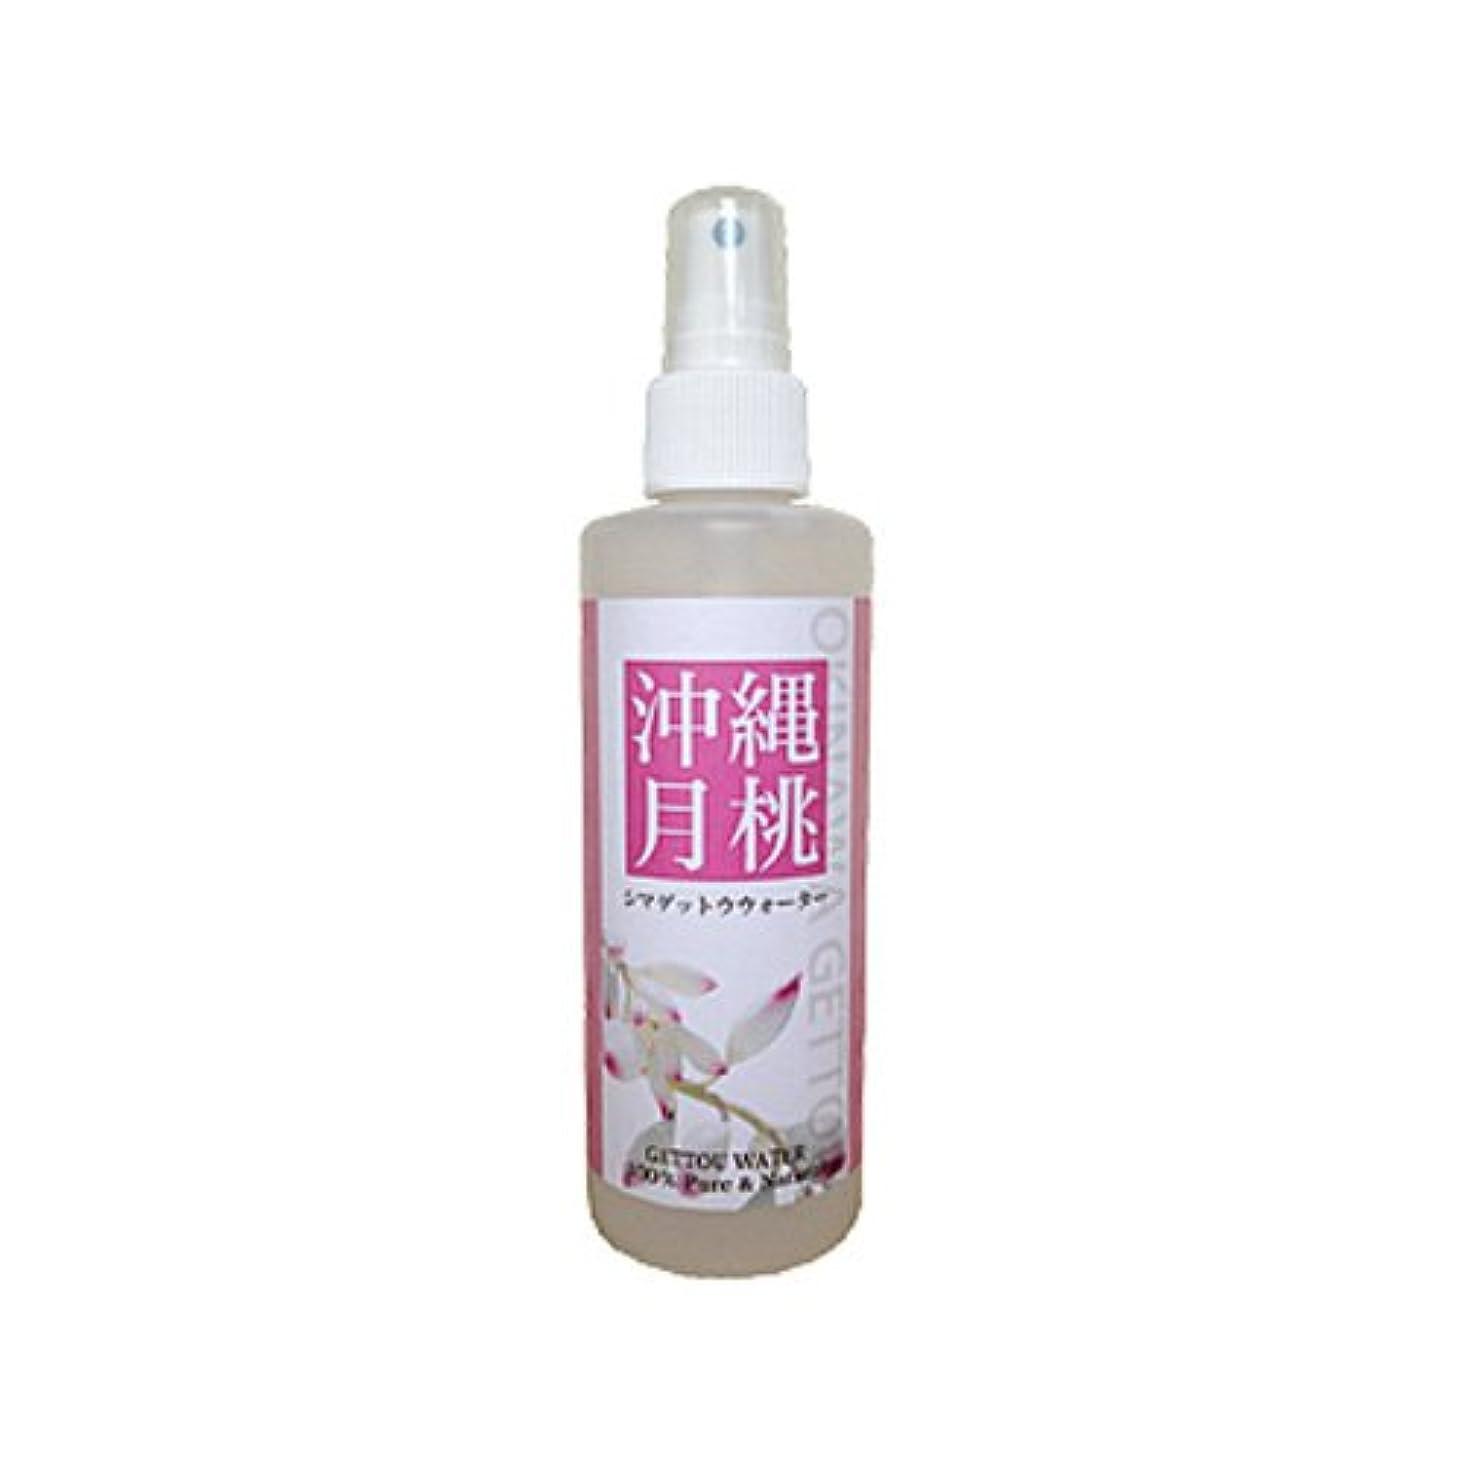 お互い心理的に崇拝する月桃蒸留水 フローラルウォーター シマ月桃葉100%使用 200ml